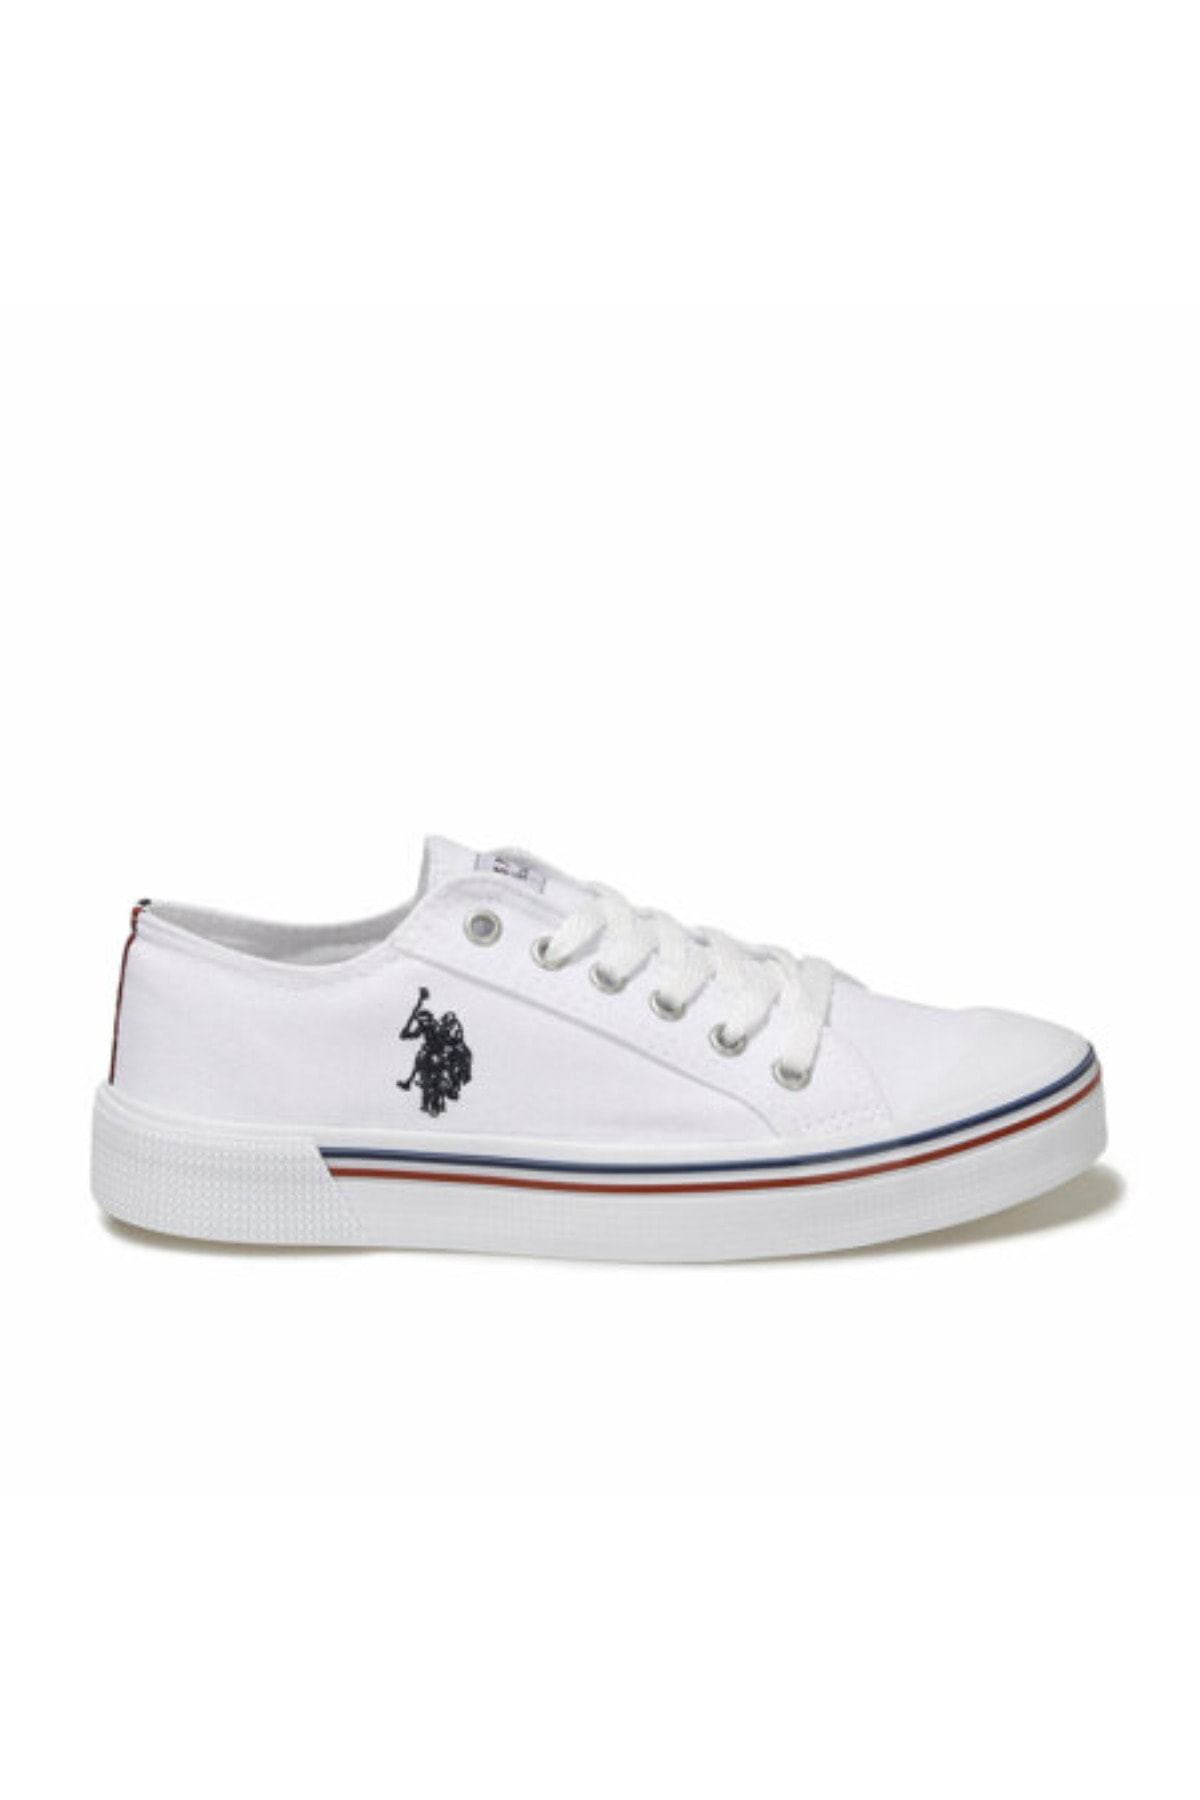 U.S. Polo Assn. PENELOPE 1FX Beyaz Kadın Havuz Taban Sneaker 100696337 2